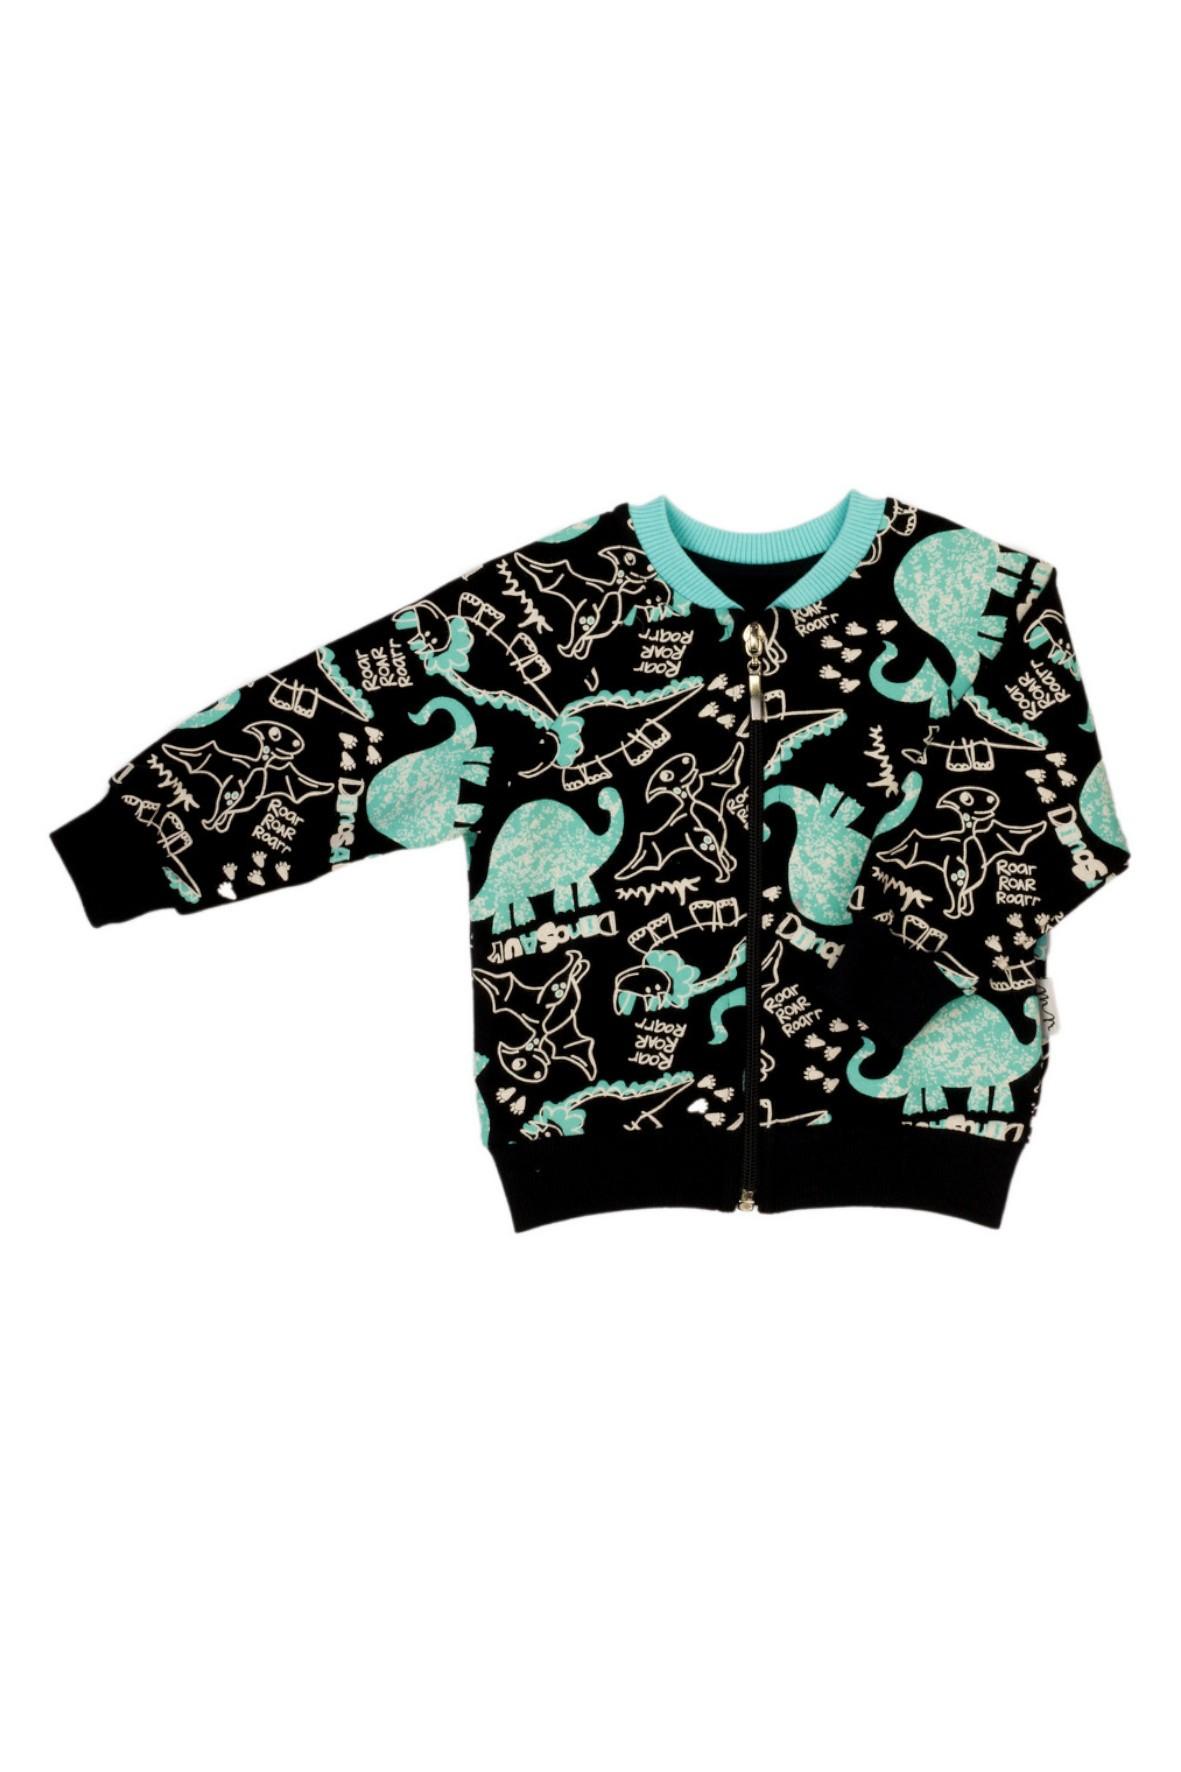 Czarna bluza boomerka dla chłopca w dinozaury